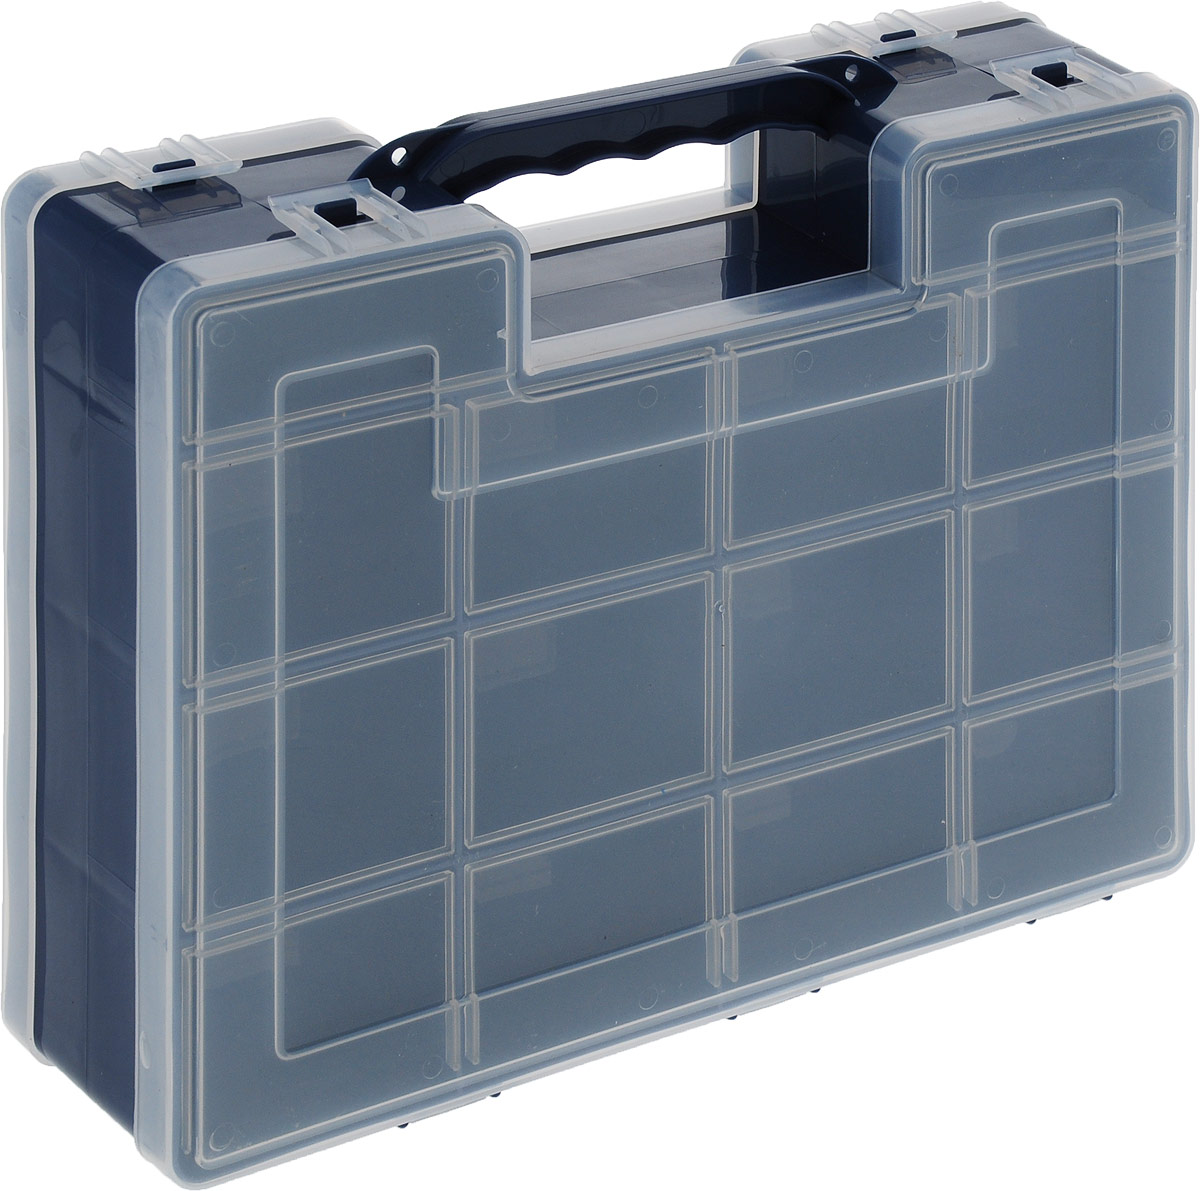 Органайзер для инструментов Idea, двухсторонний, цвет: синий, 27,2 см х 21,7 см х 6,7 см органайзер для специй idea цвет белый 6 х 16 х 16 см